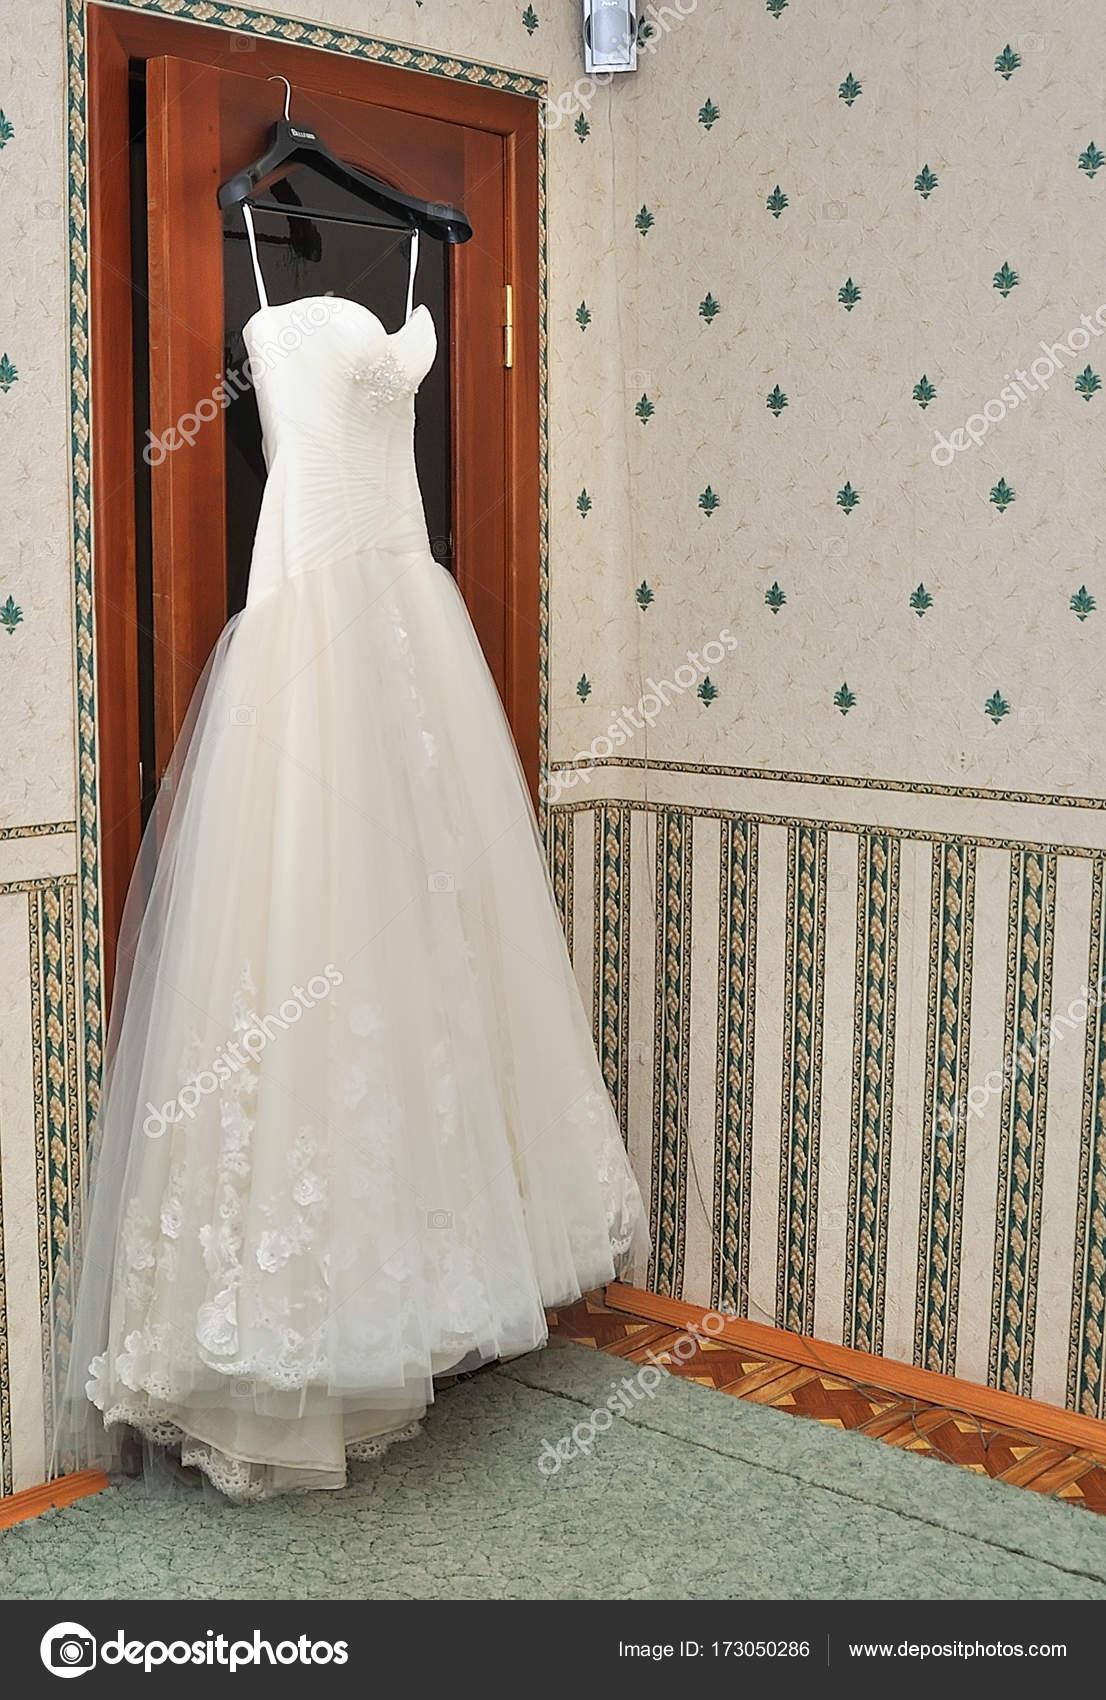 Hochzeitskleid auf Kleiderbügel an der Wand — Stockfoto © alena0509 ...